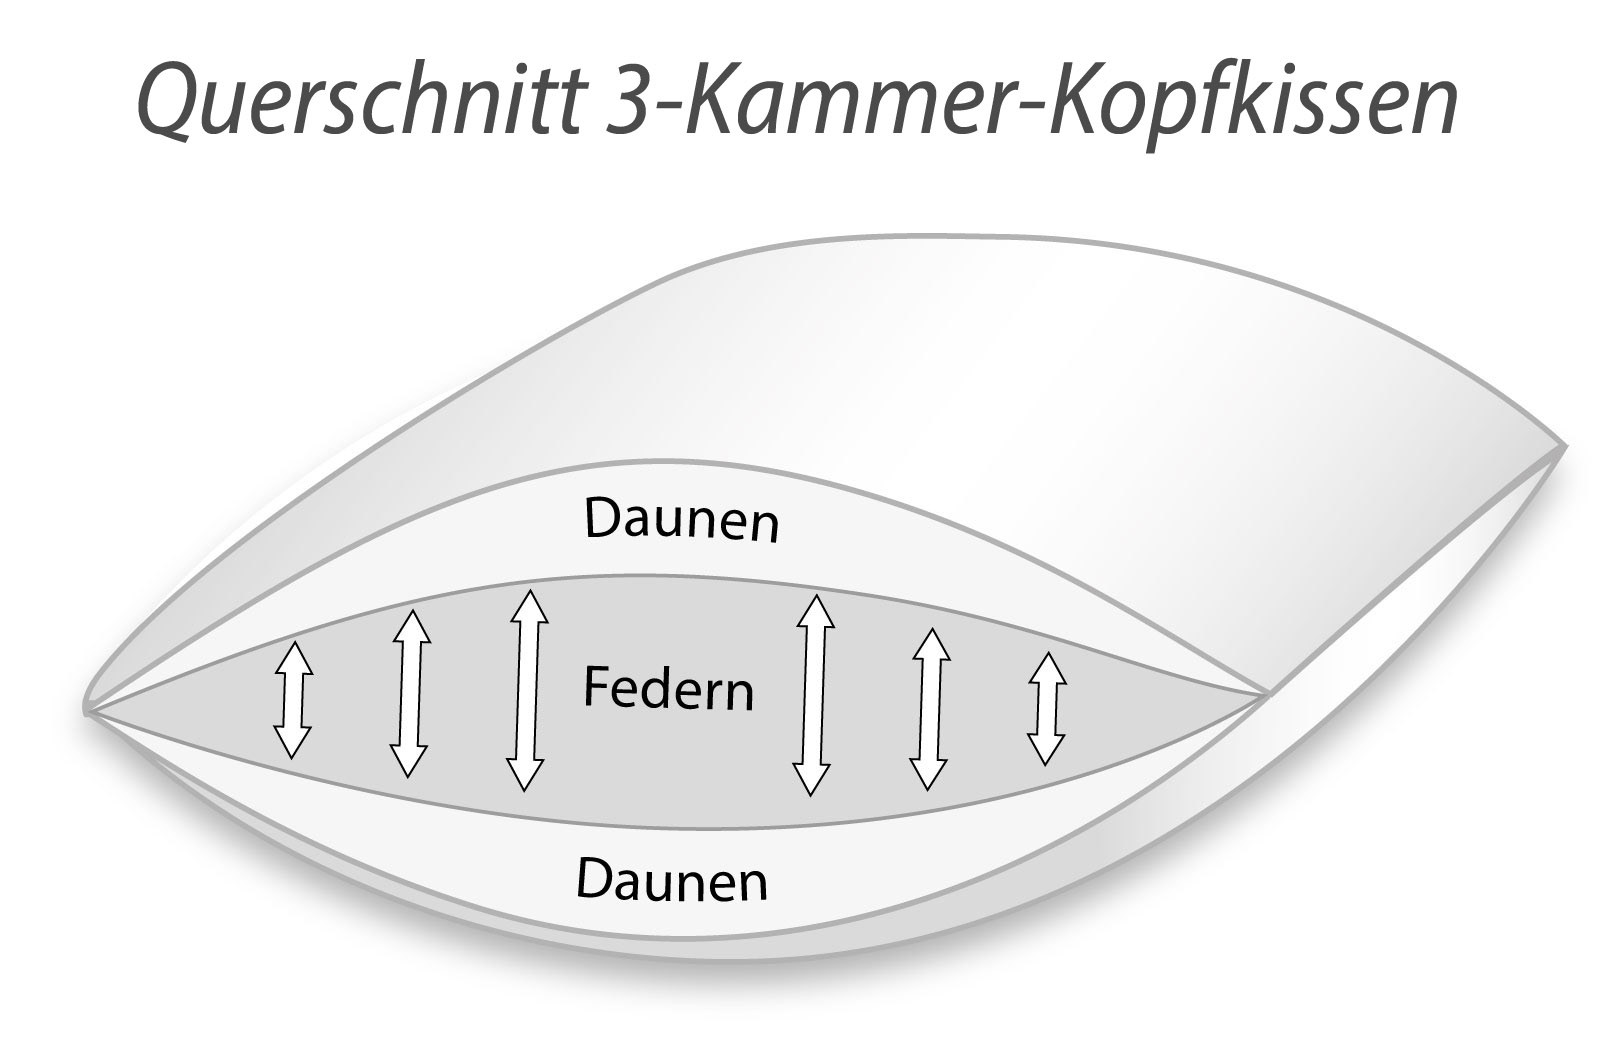 3-Kammer Kopfkissen Premium Kissen Daunen Federn Klasse 1 40x80 Carla – Bild 5